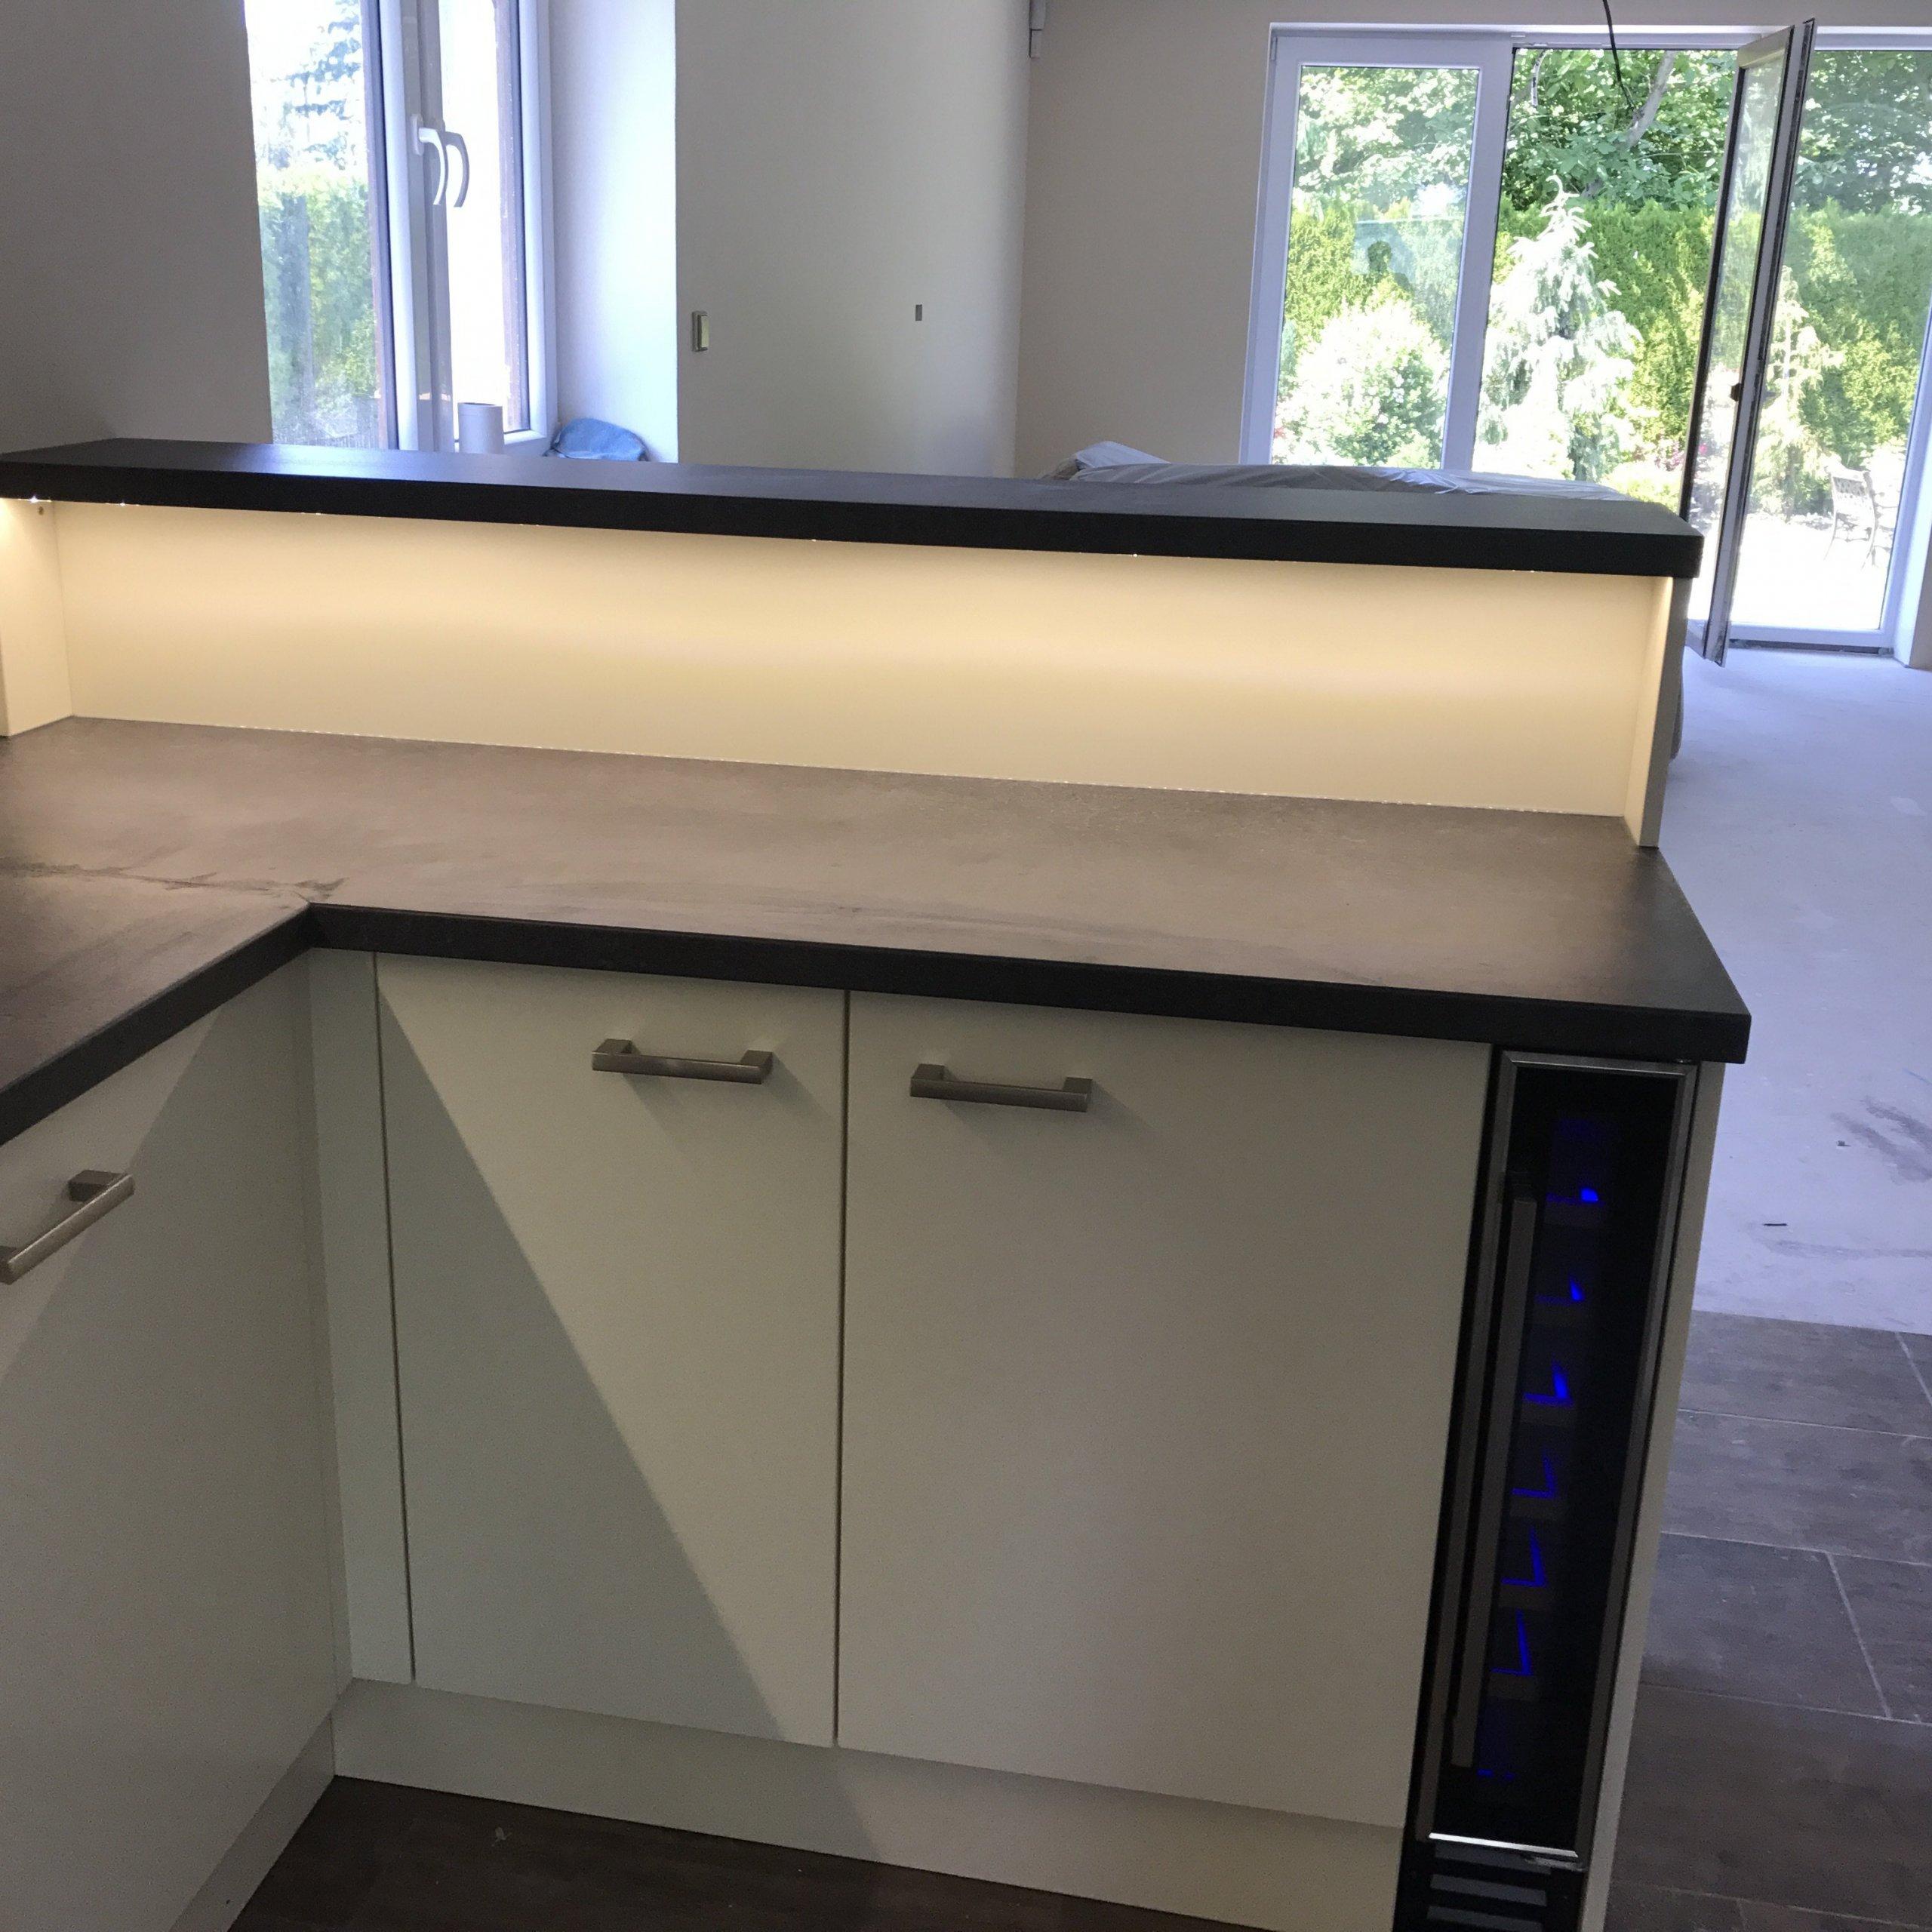 Předmětem realizace byl návrh, výroba a montáž kuchyňské linky v rodiném domě. Jedná se o jednoduchou kuchyně z lamina + ABShrany, dvířka folie Hefas s…